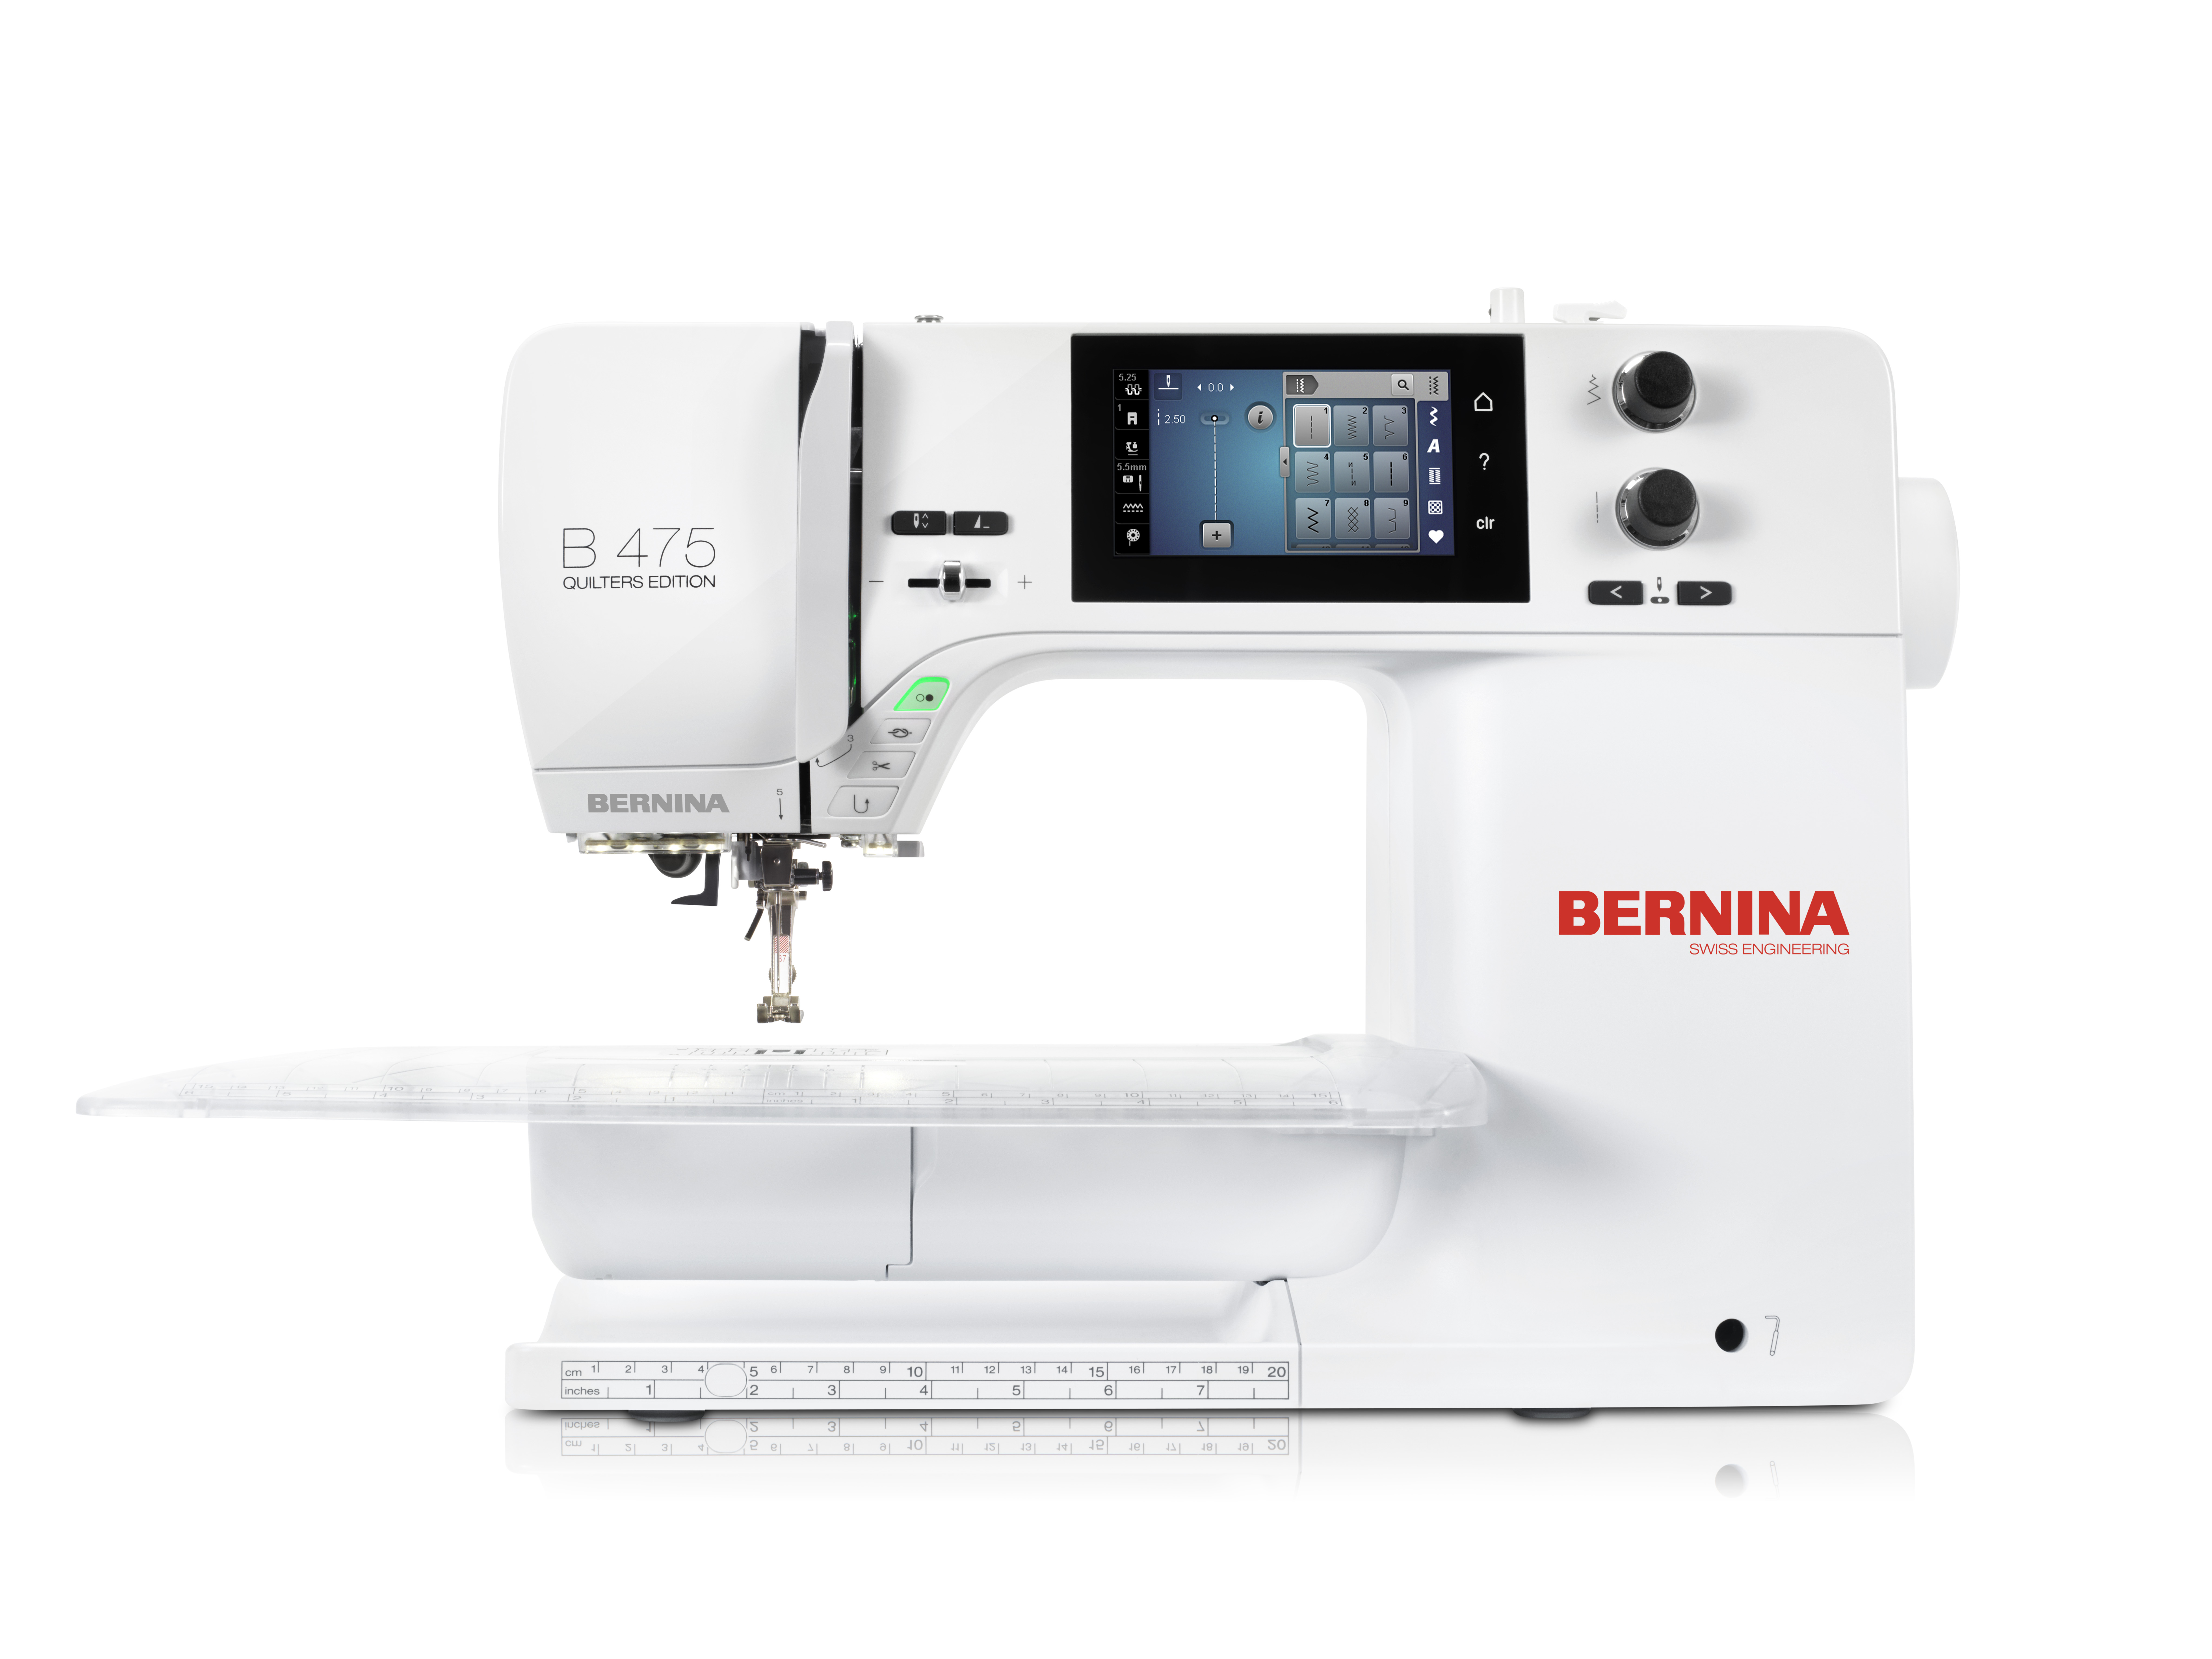 šicí stroj Bernina 475QE-2